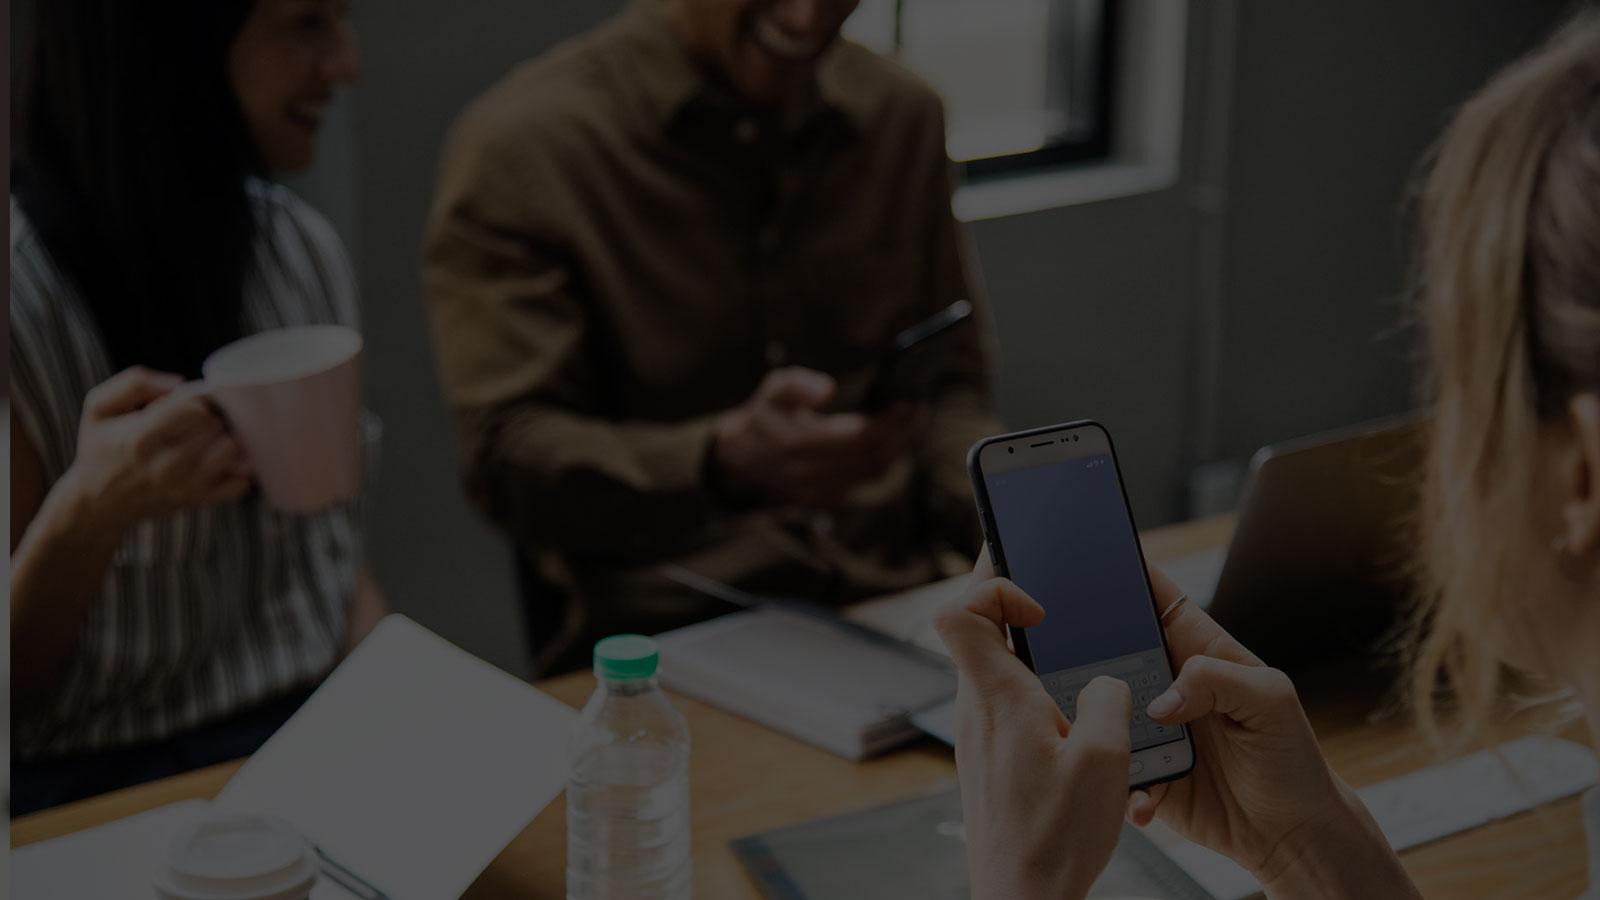 gestão de equipes externas com smartphone corporativo